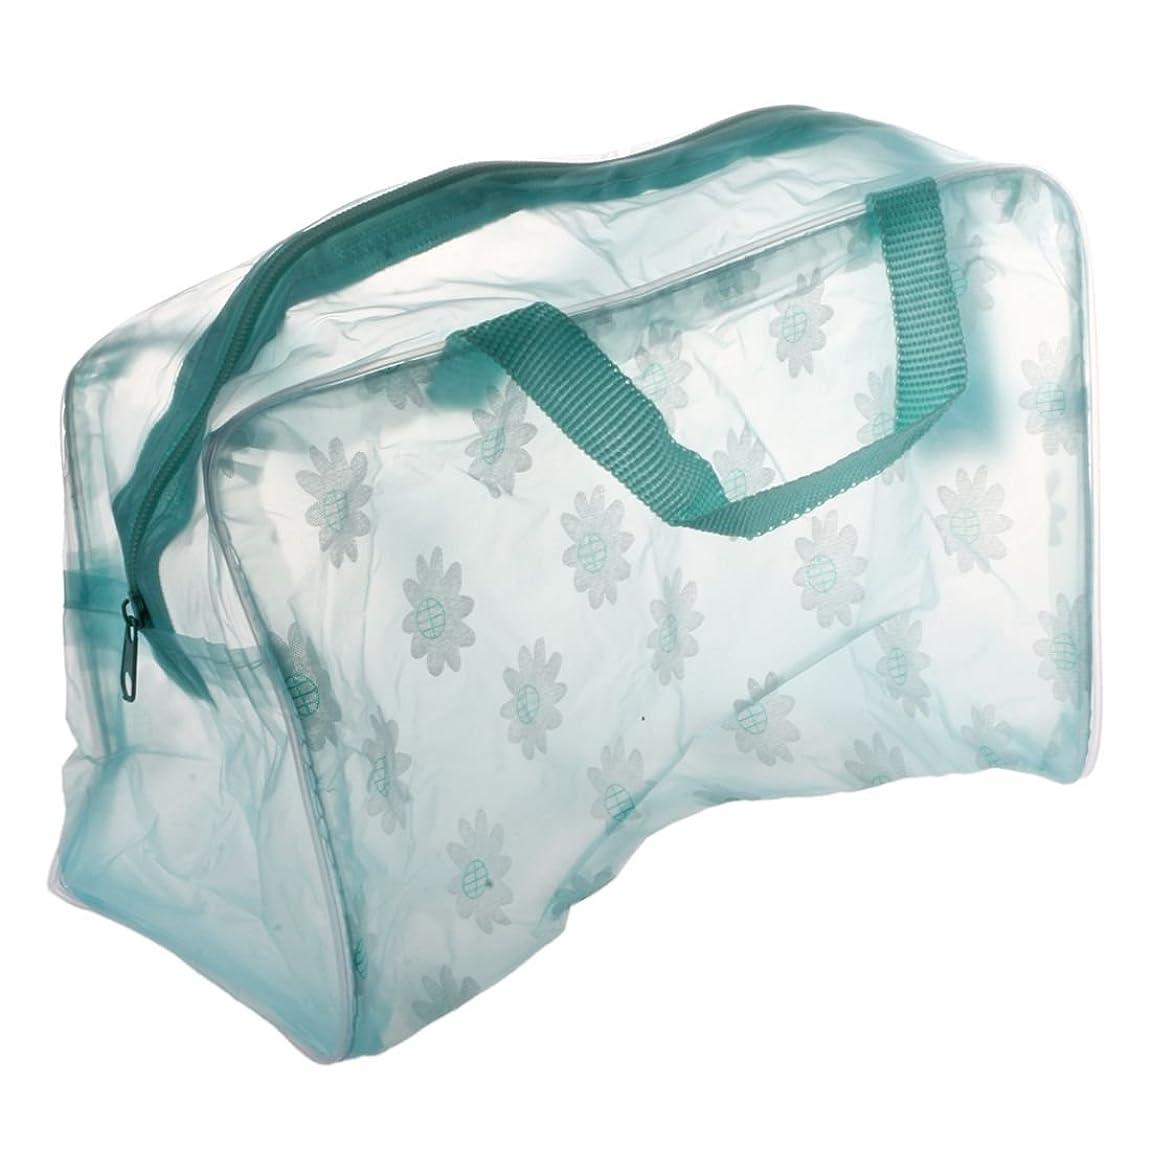 砲撃征服するオレンジSODIAL(R)フローラル プリント 透明 防水 化粧品袋 トイレタリー お風呂ポーチ グリーン